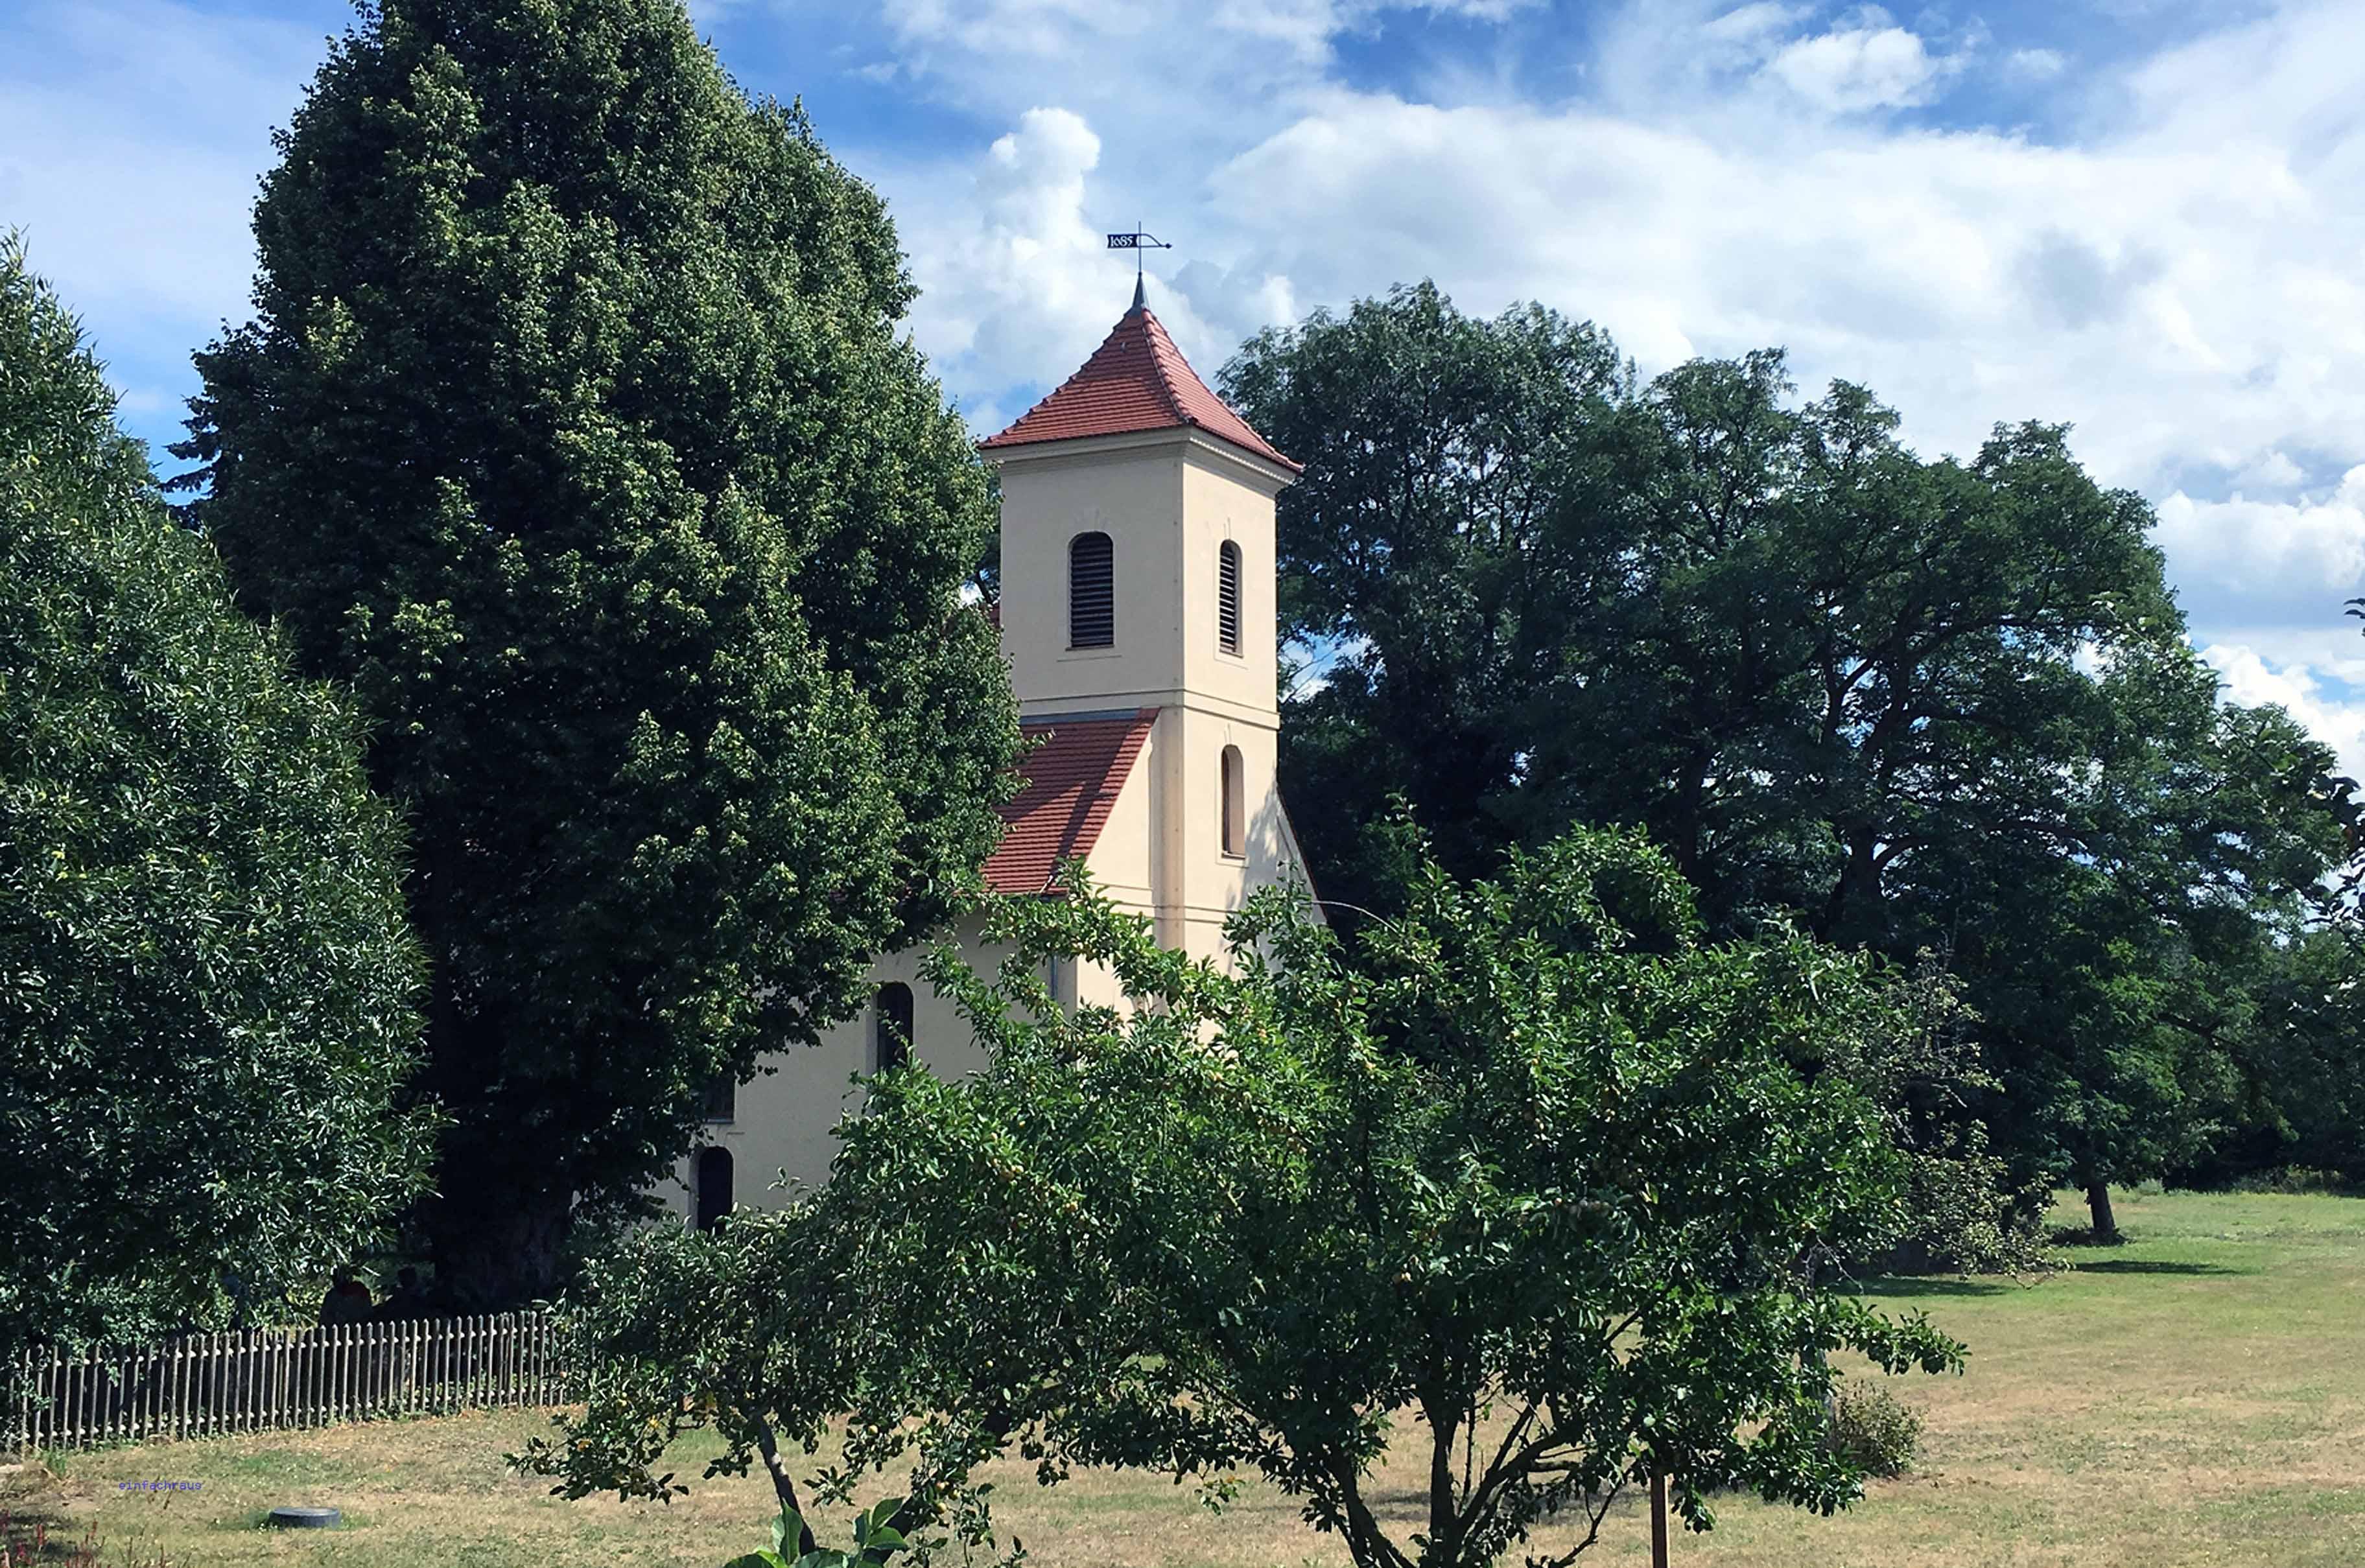 Kirche von Nattwerder, Foto: D. Weirauch